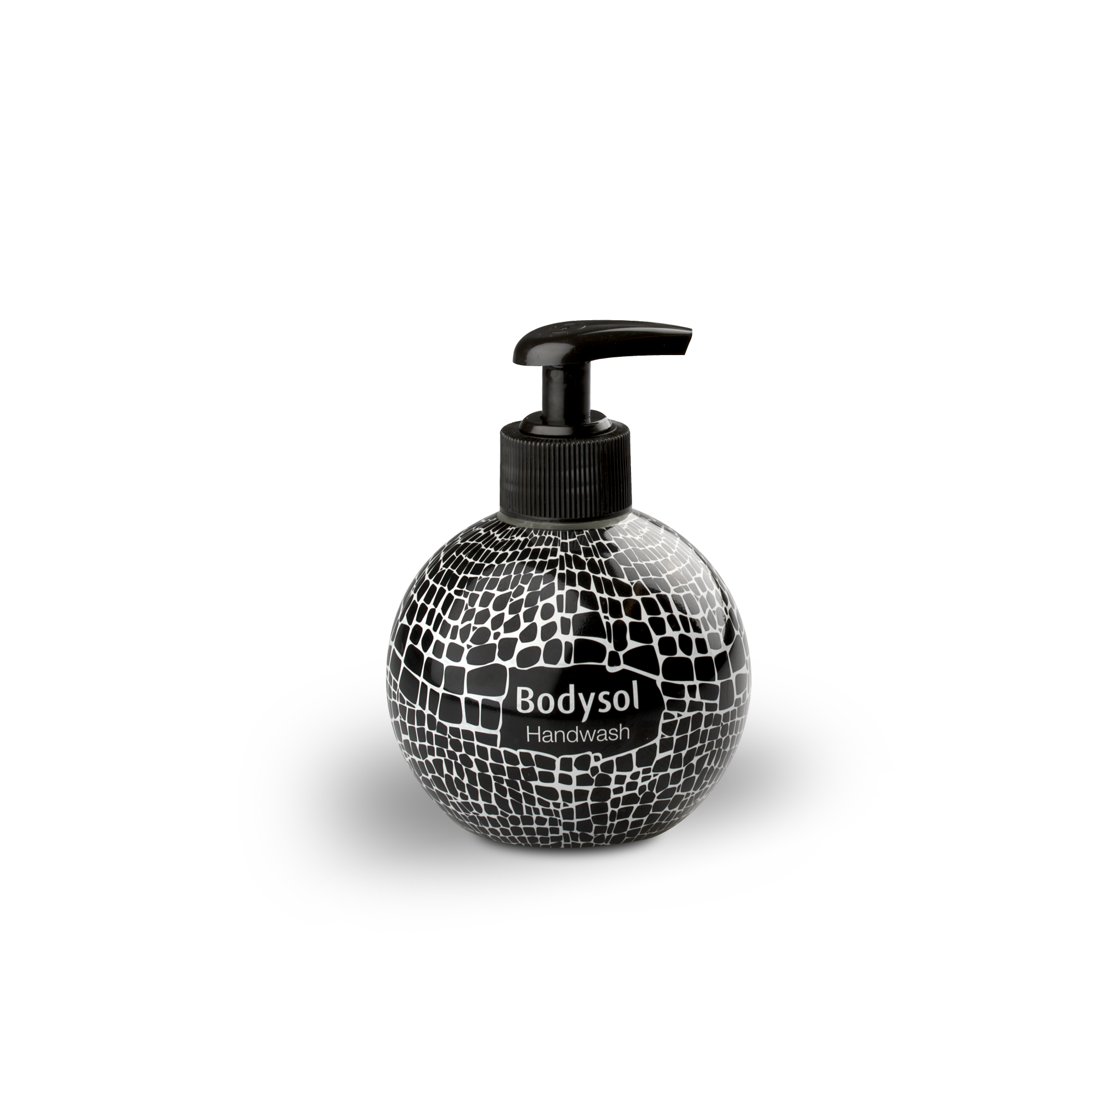 Bodysol - Limited Edition Croco - Black - Handwash - €5,99